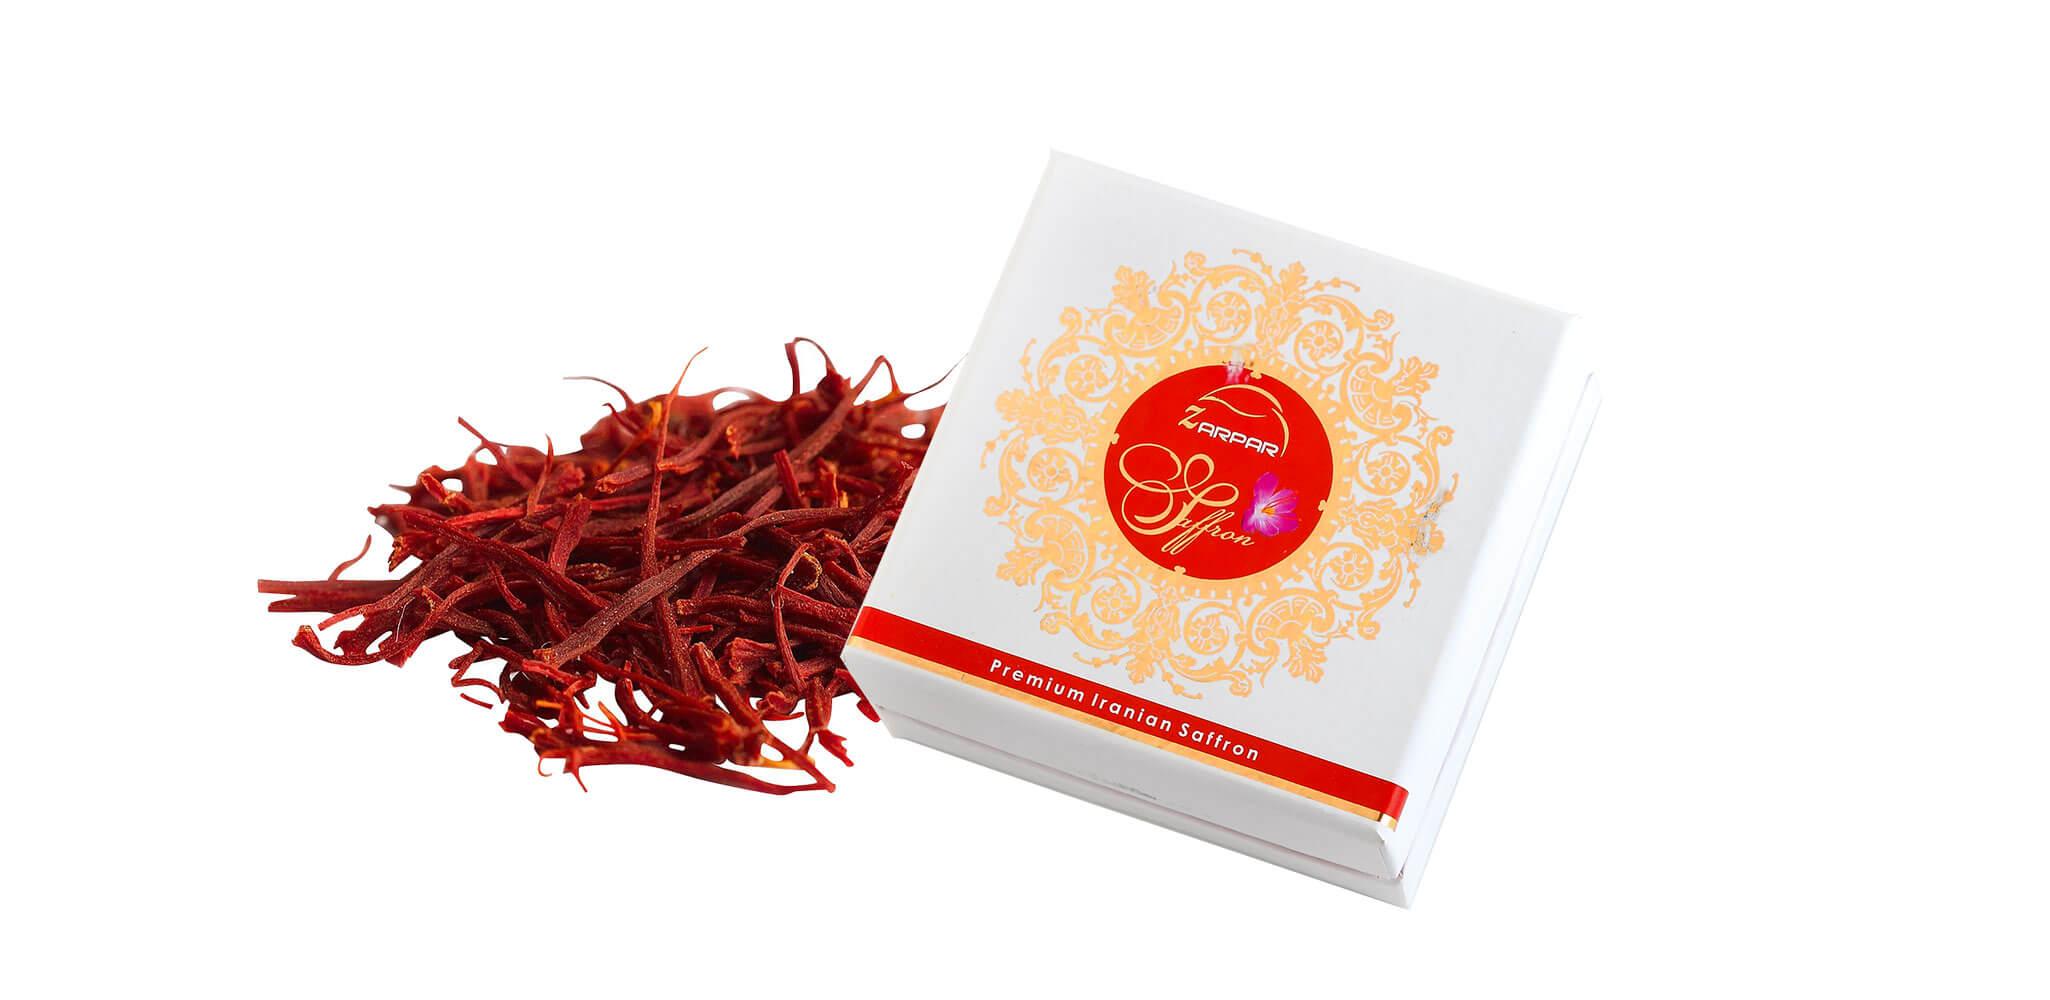 saffron4